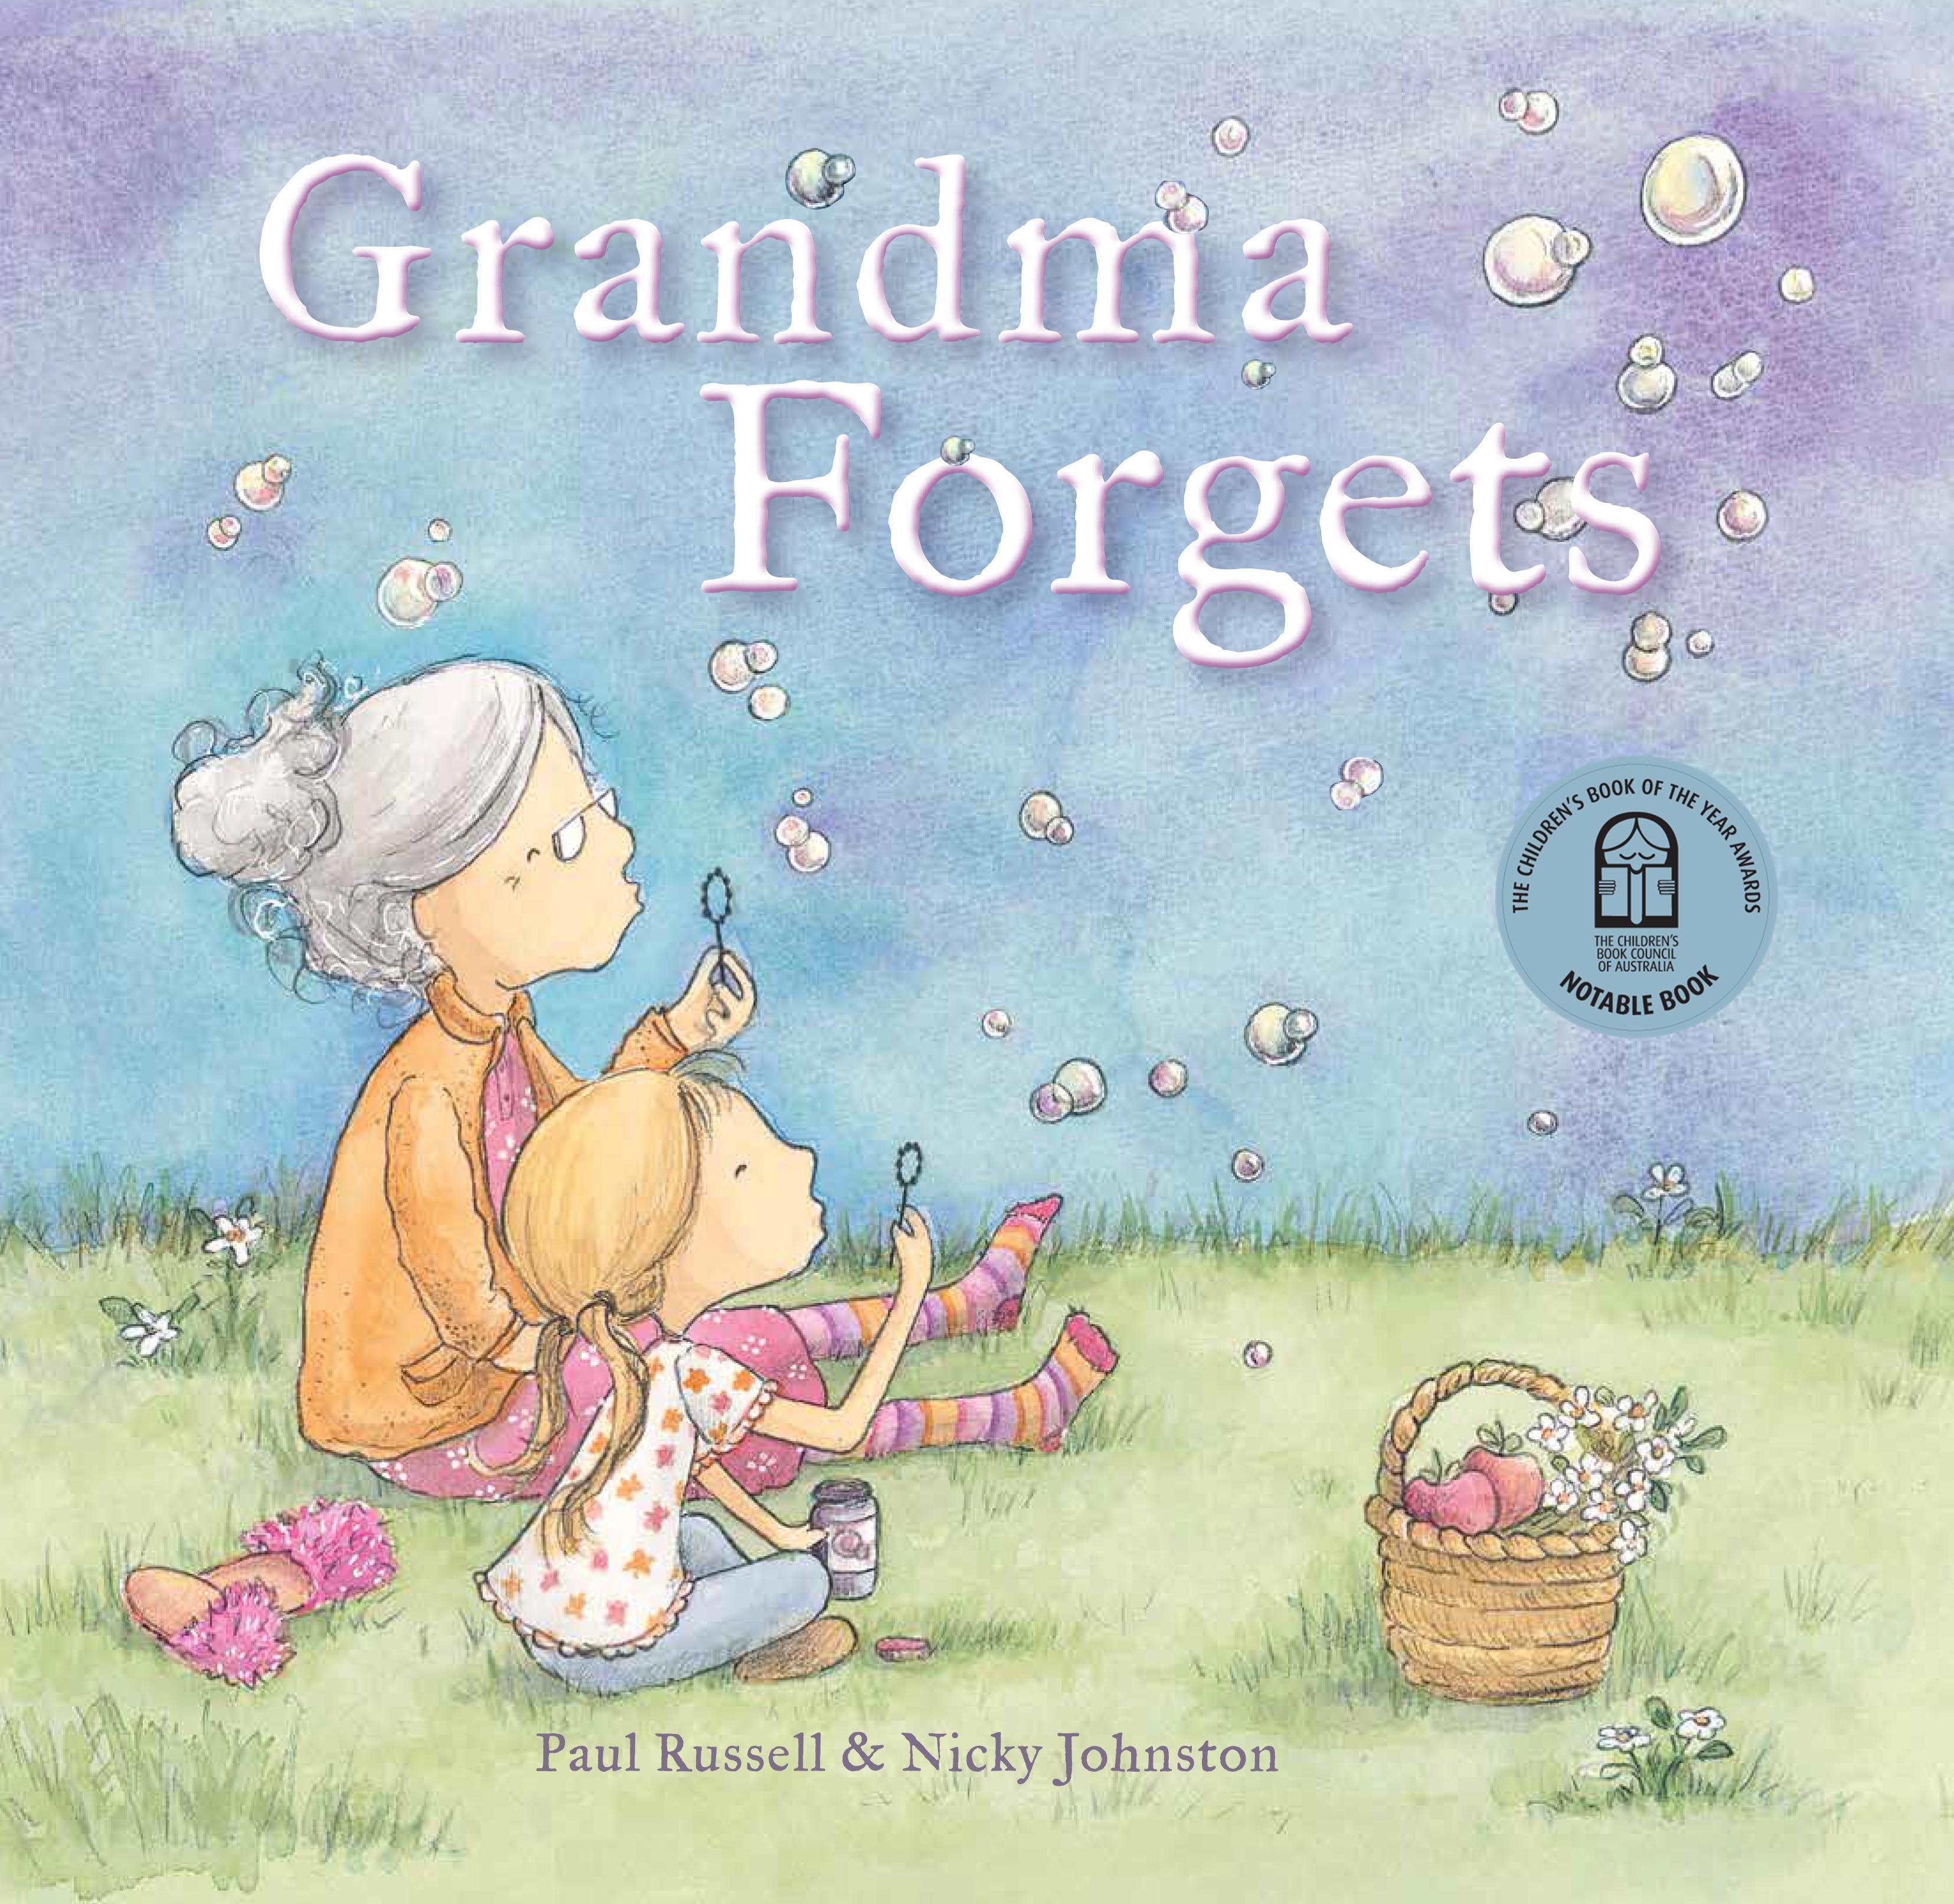 Grandma Forgets, Nicky Johnston Illustrator